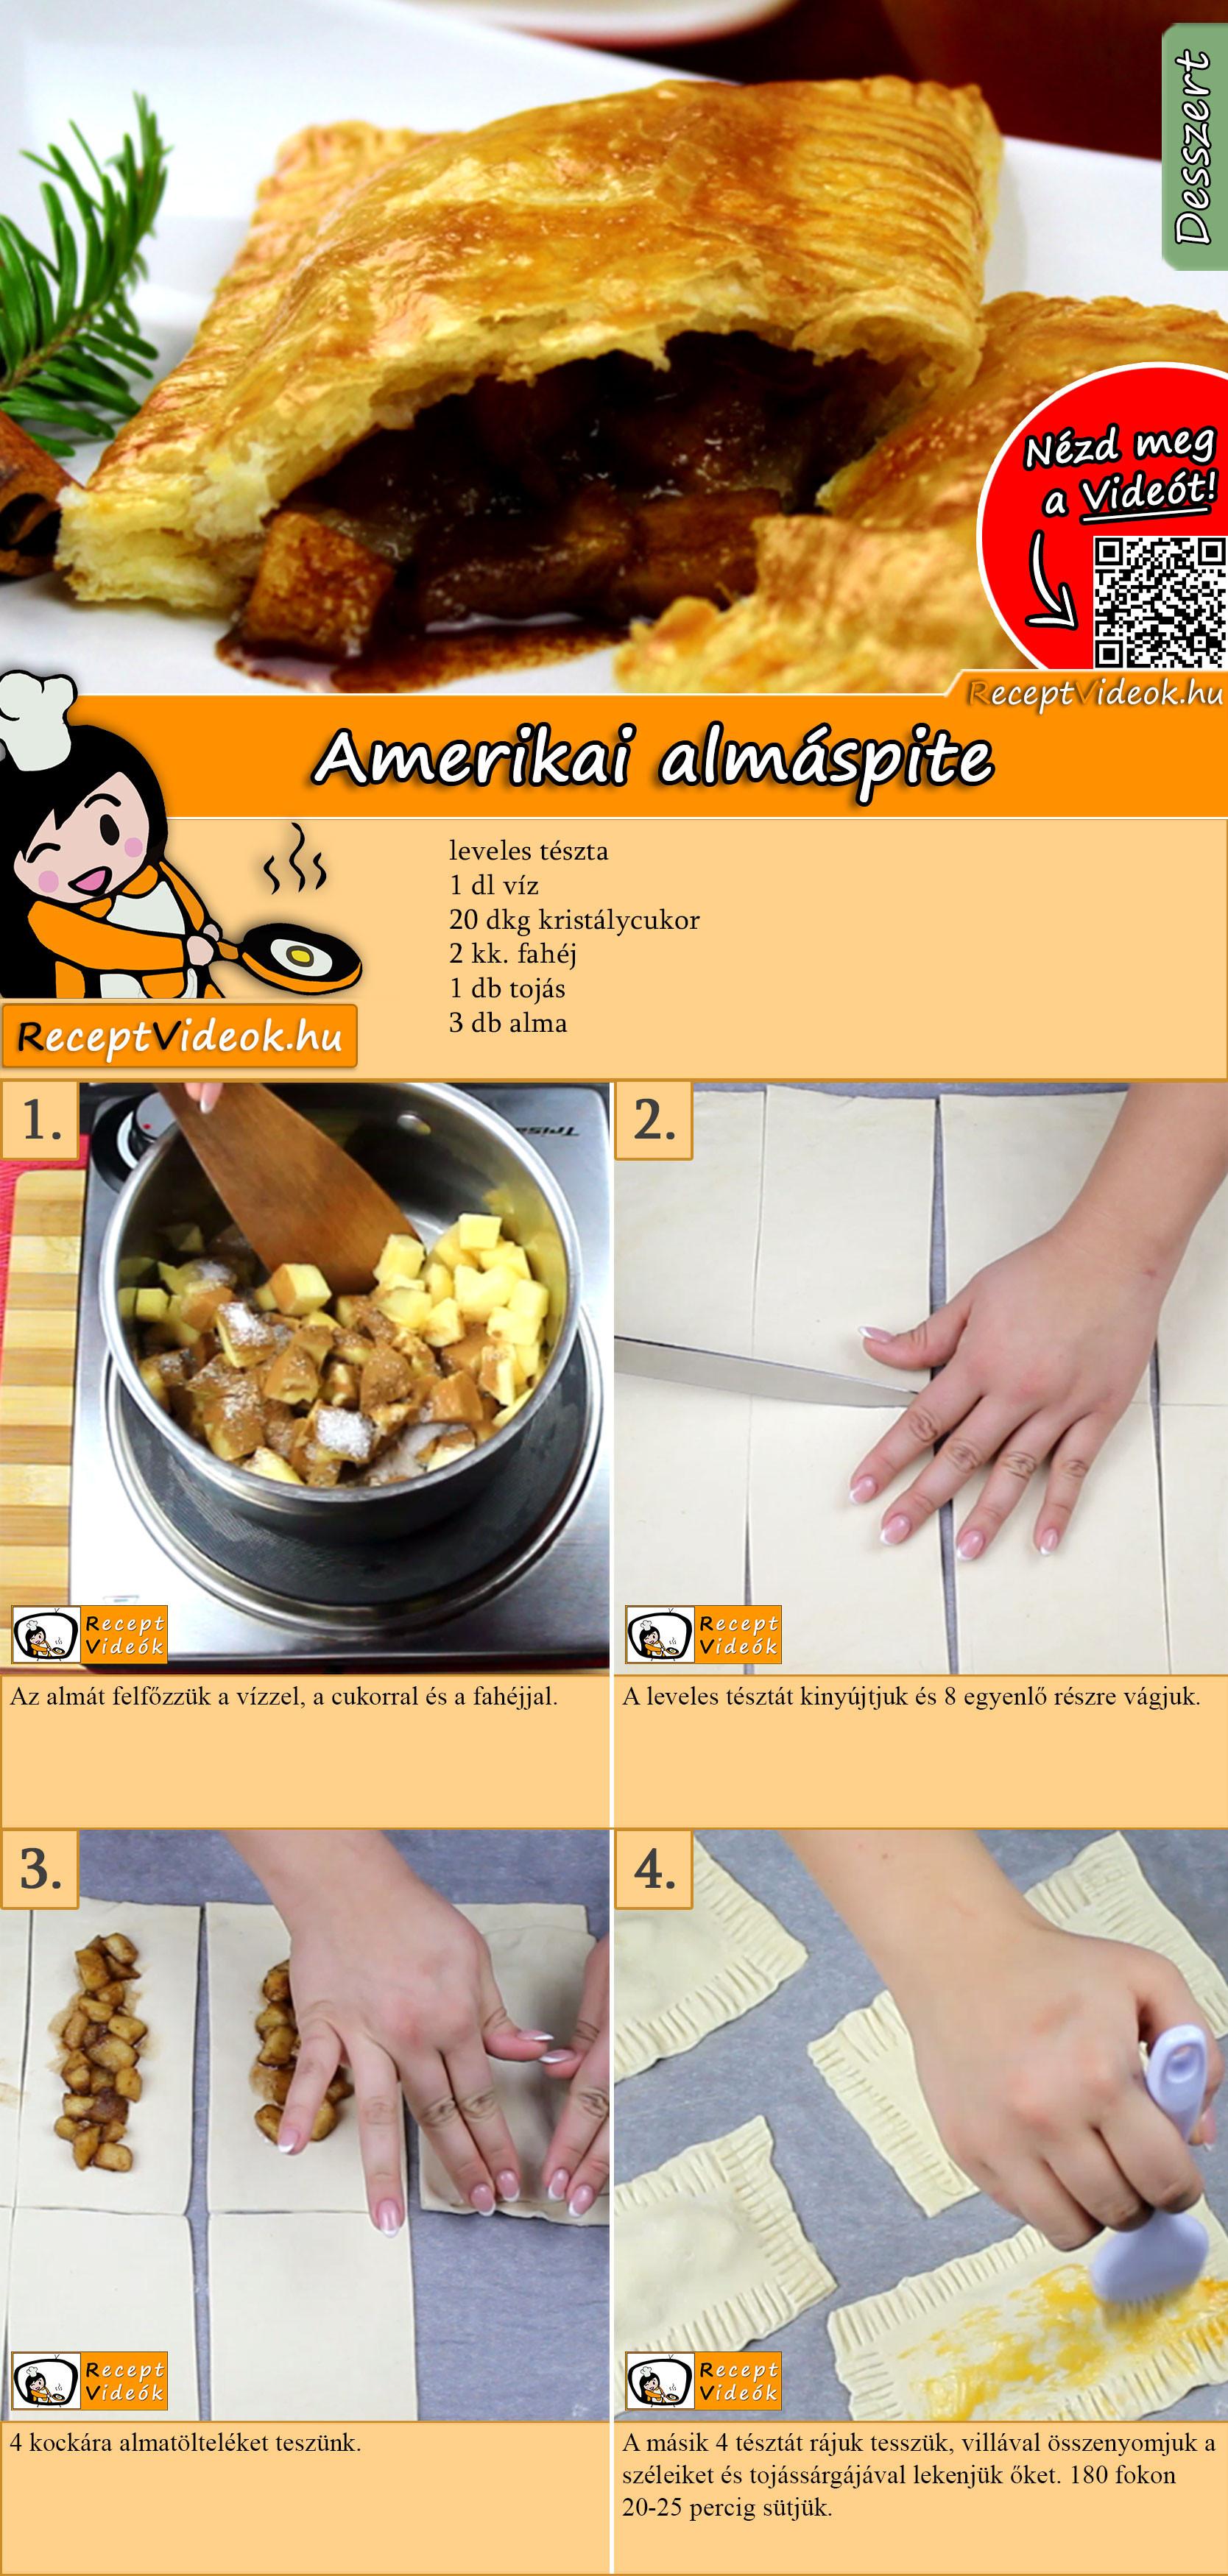 Amerikai almáspite recept elkészítése videóval